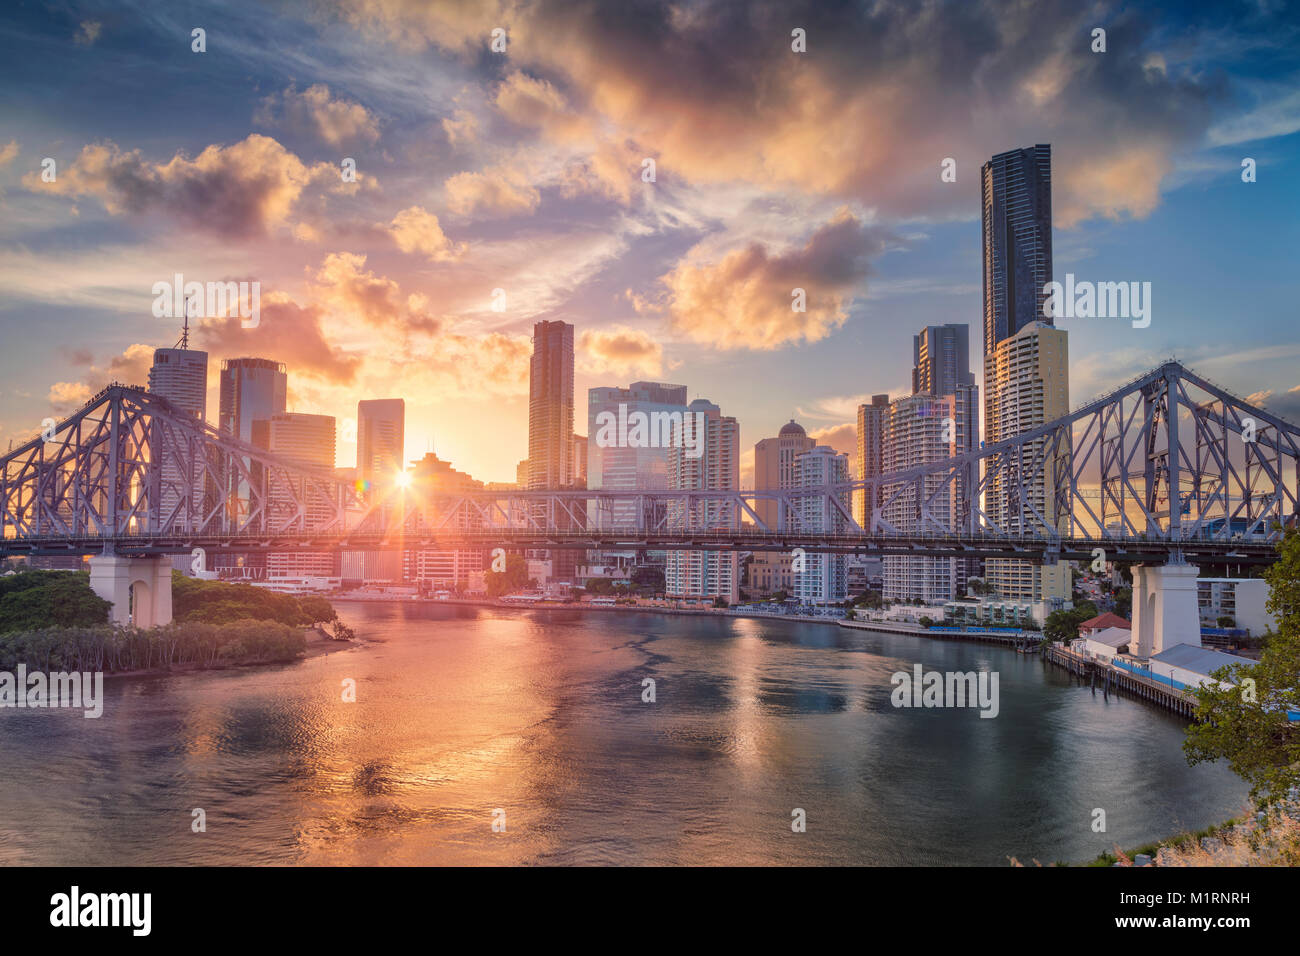 Brisbane. Cityscape image de Brisbane, Australie skyline avec Story Bridge pendant le coucher du soleil spectaculaire. Banque D'Images